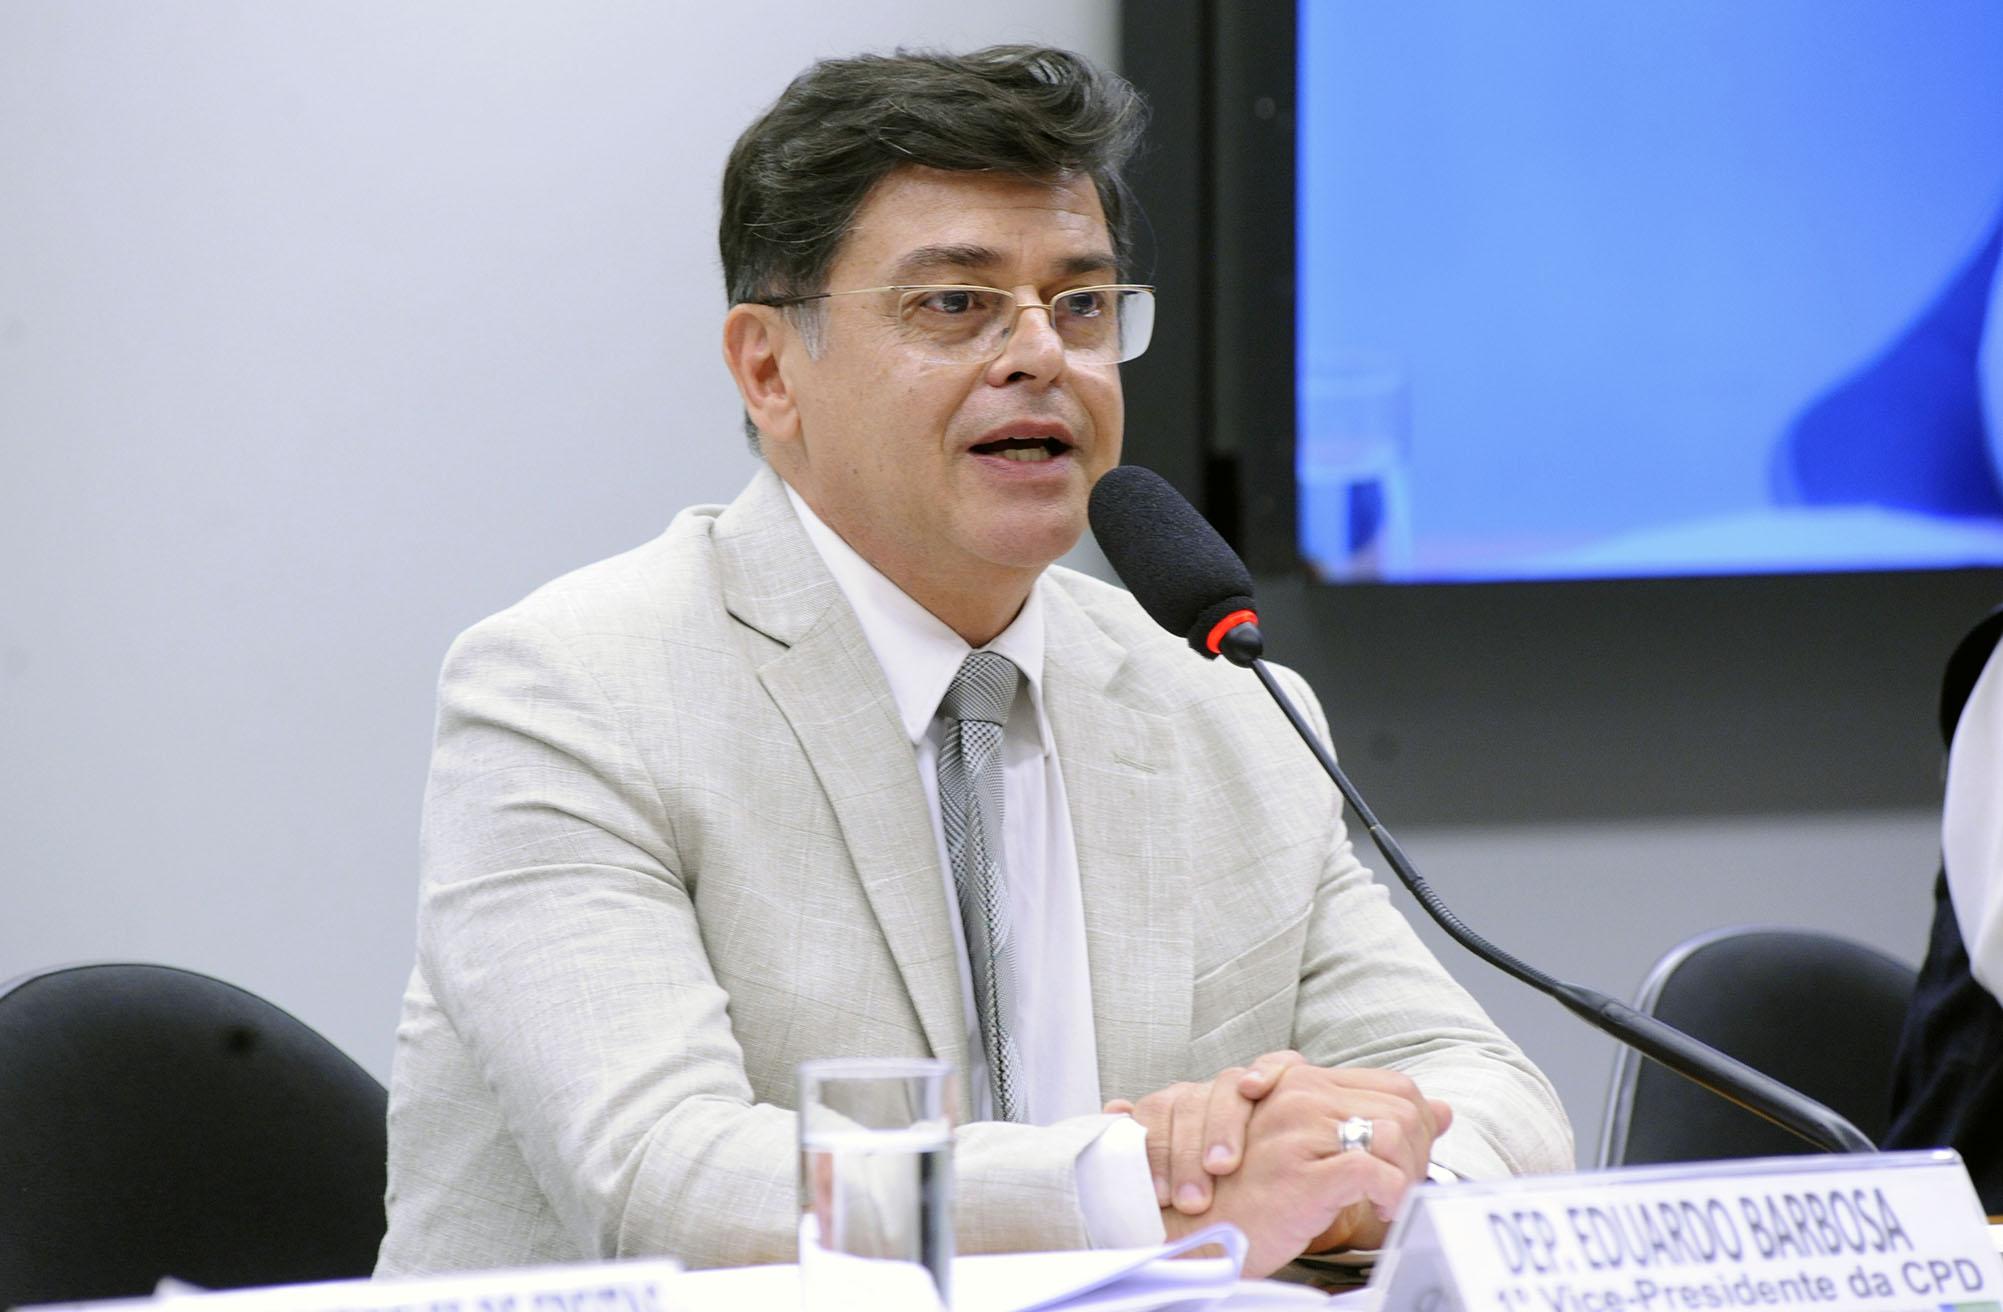 Seminário - Política Nacional de Educação Especial na Perspectiva da Educação Inclusiva PNEEPEI. Dep. Eduardo Barbosa (PSDB - MG)